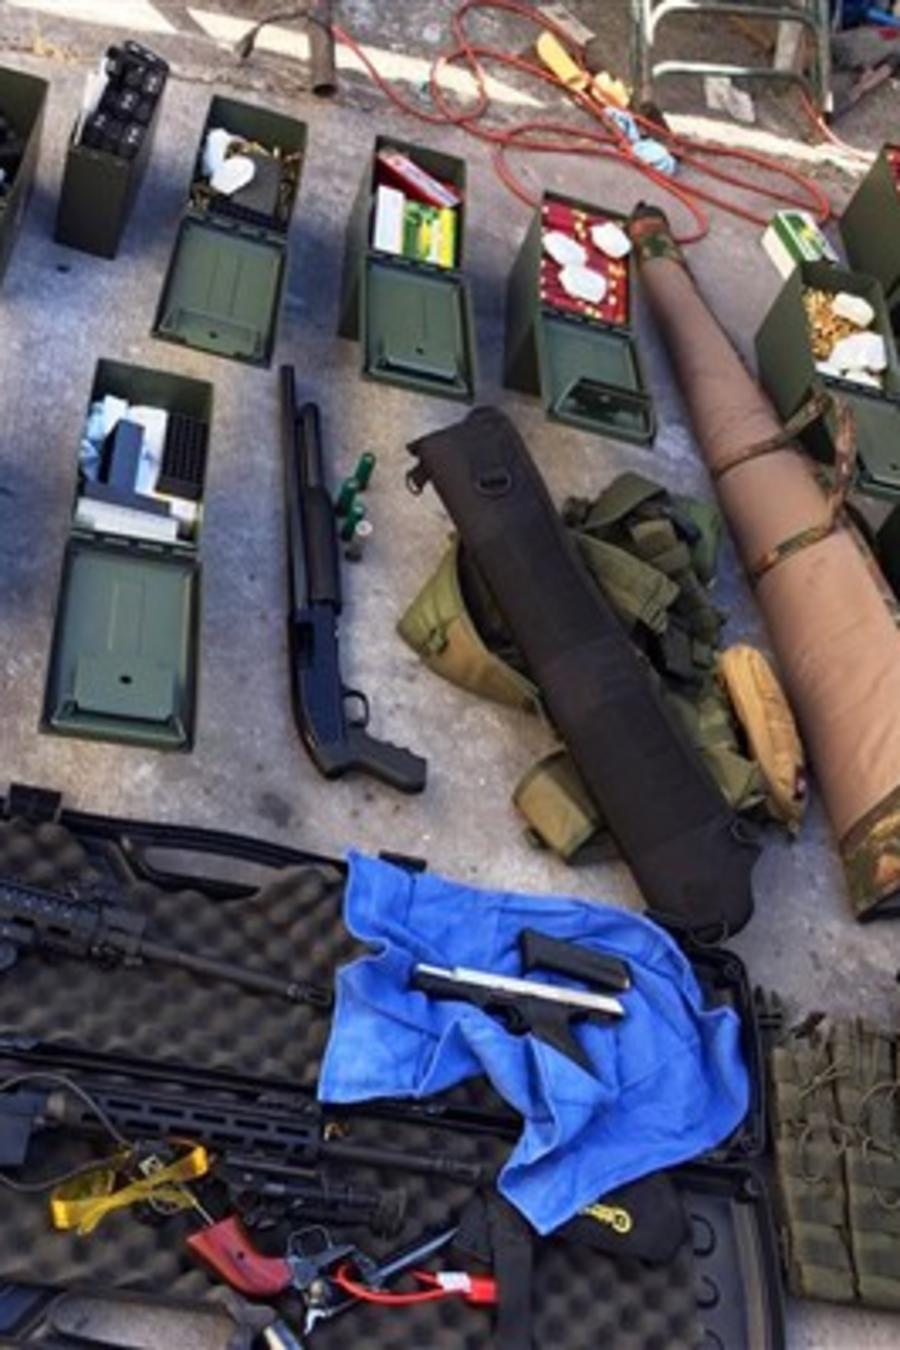 Armas y municiones confiscadas al empleado de un hotel del área de Los Ángeles que presuntamente amenazó con un tiroteo masivo.